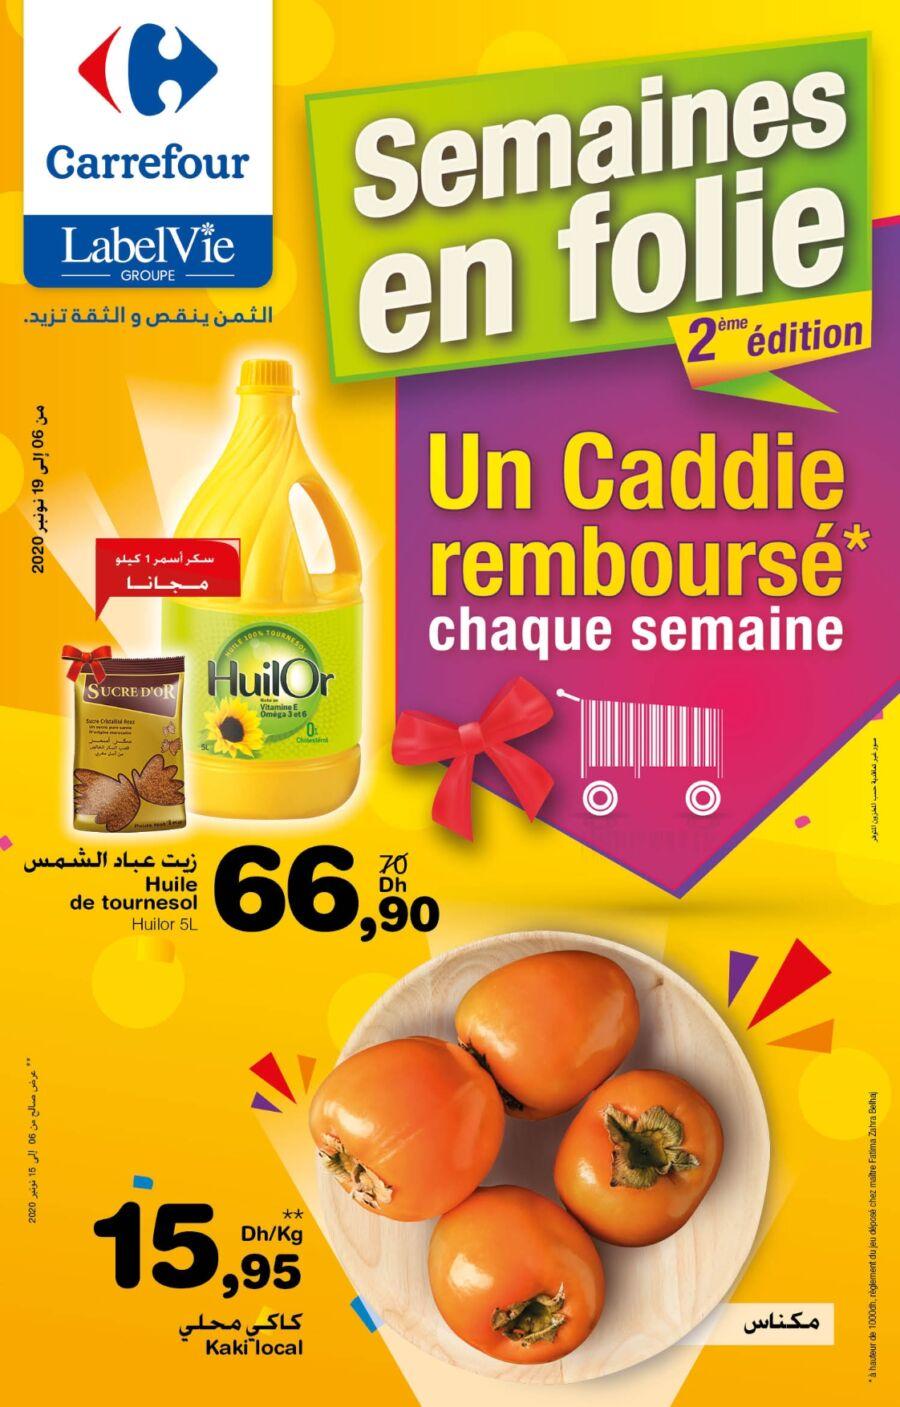 Catalogue Carrefour Maroc Semaine en folie du 6 au 19 Novembre 2020